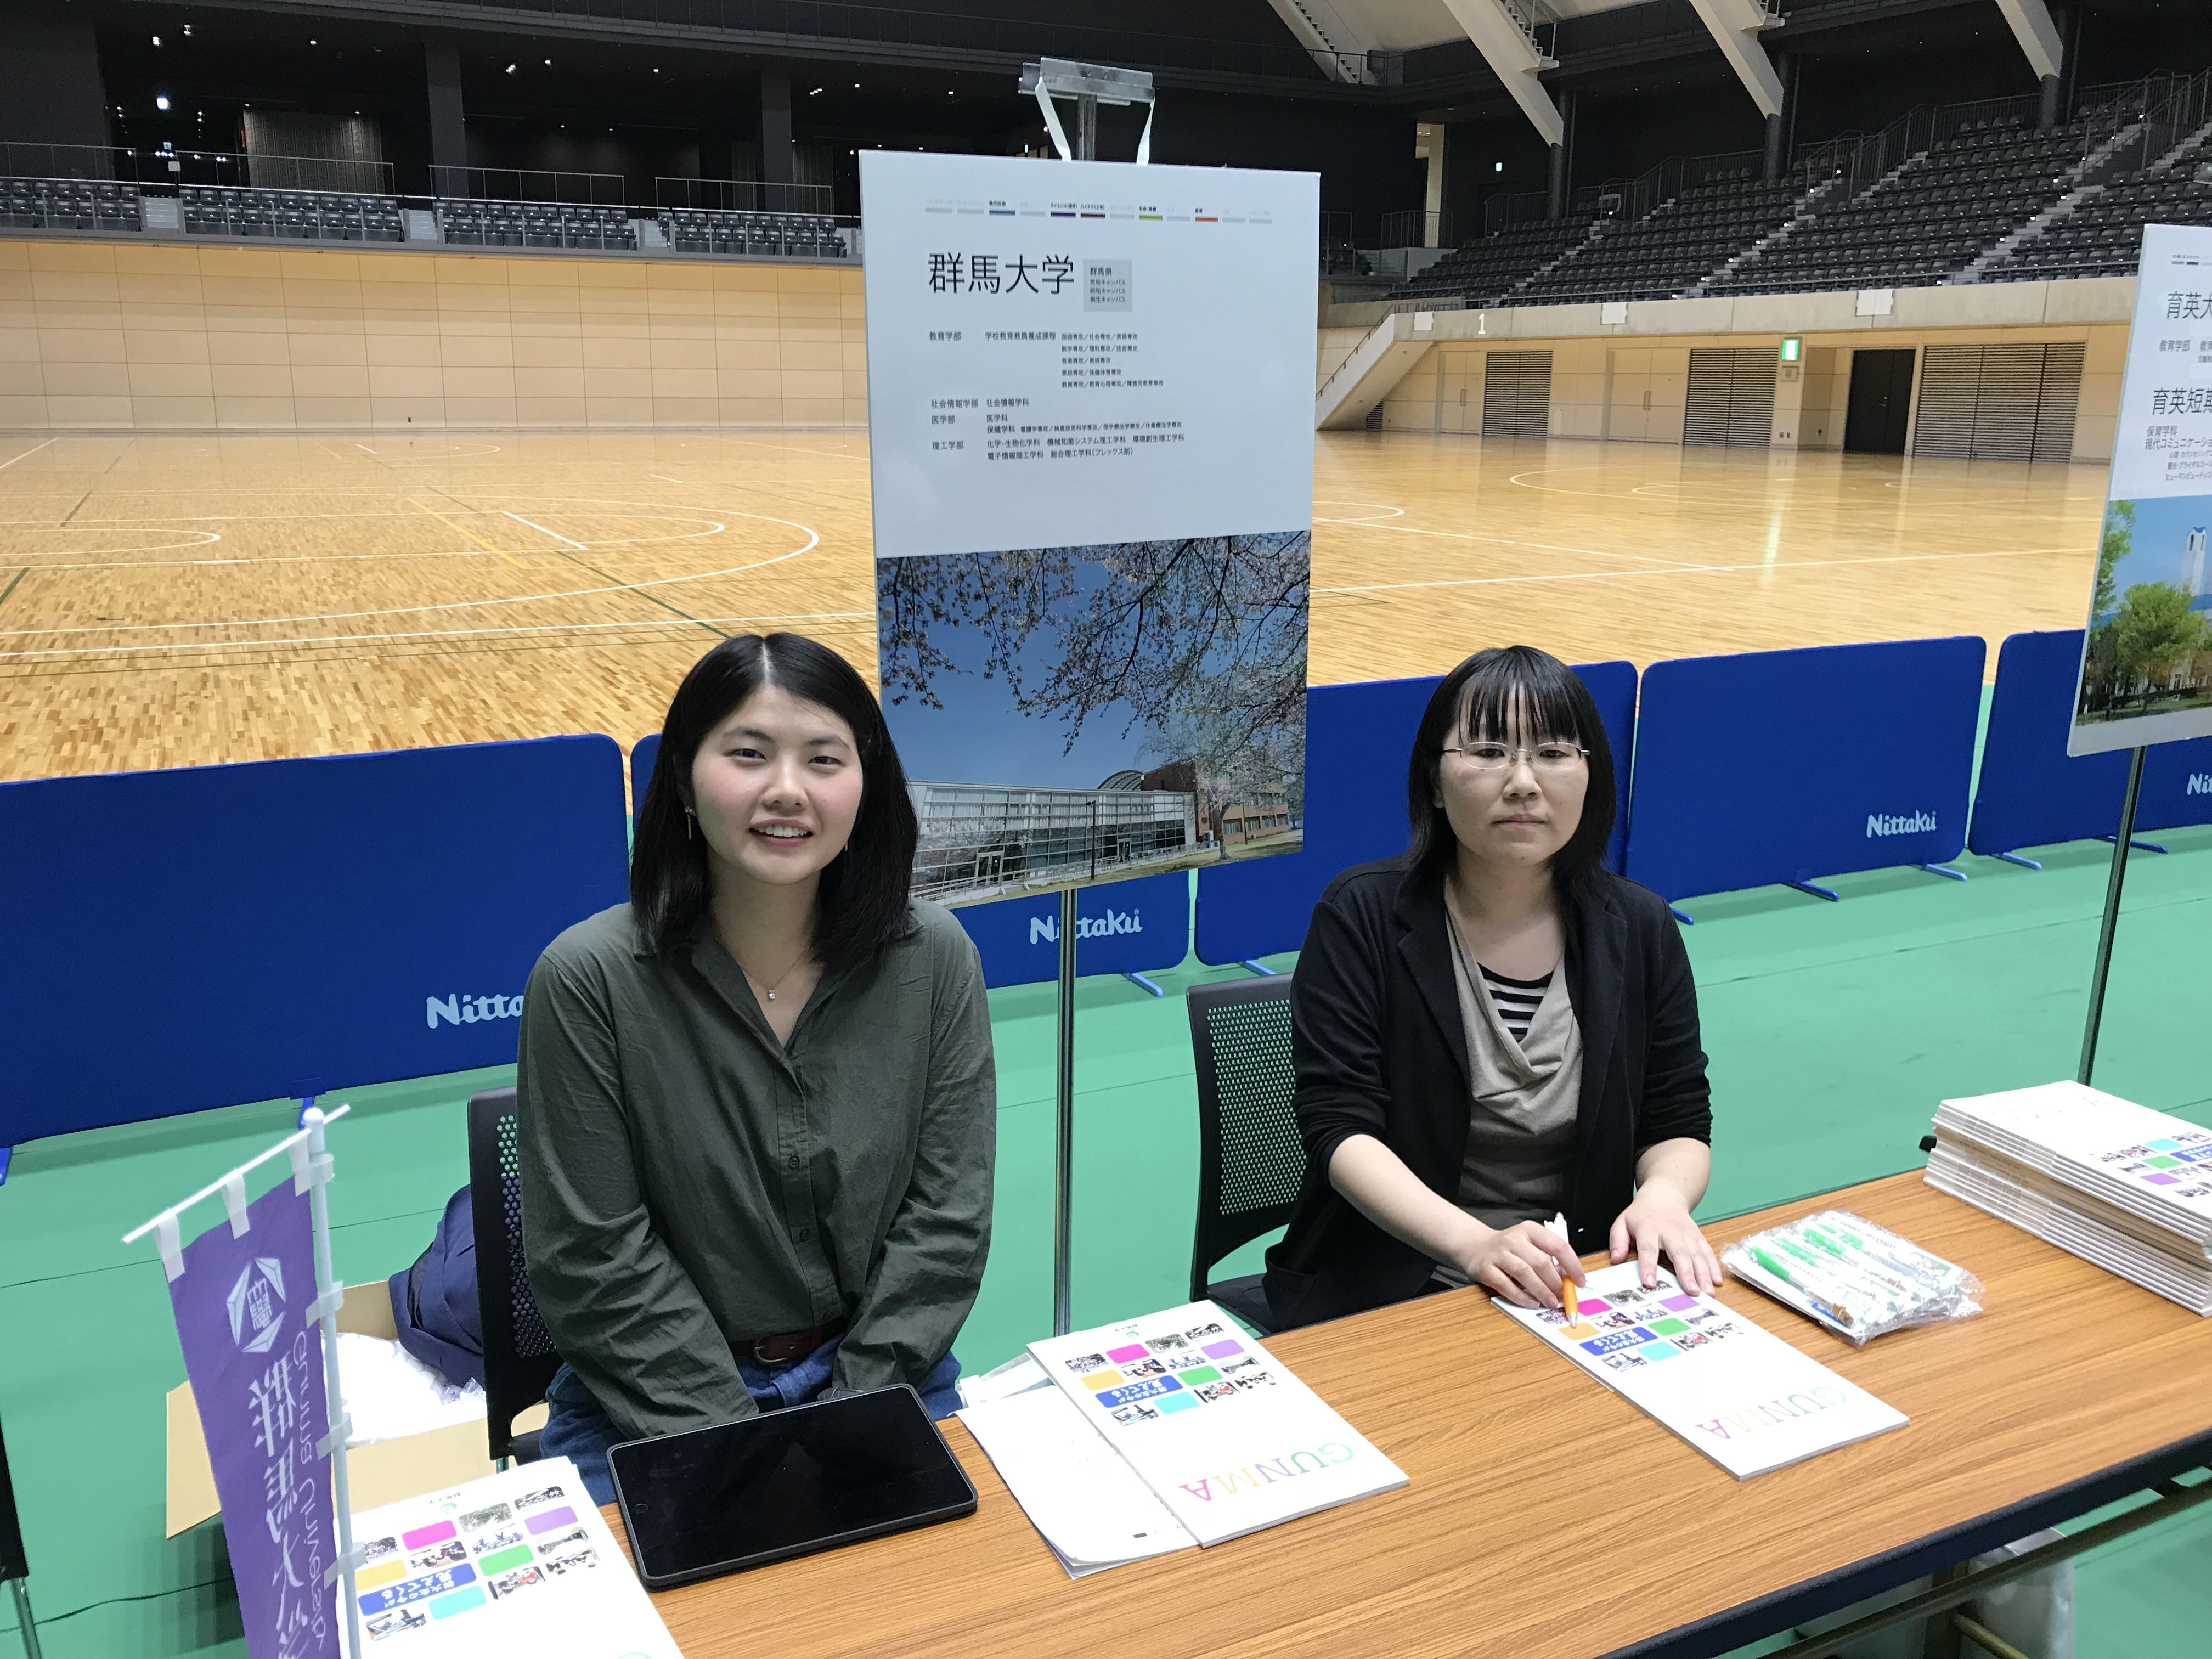 進学相談会に学生広報大使が本学スタッフとして参加しました。